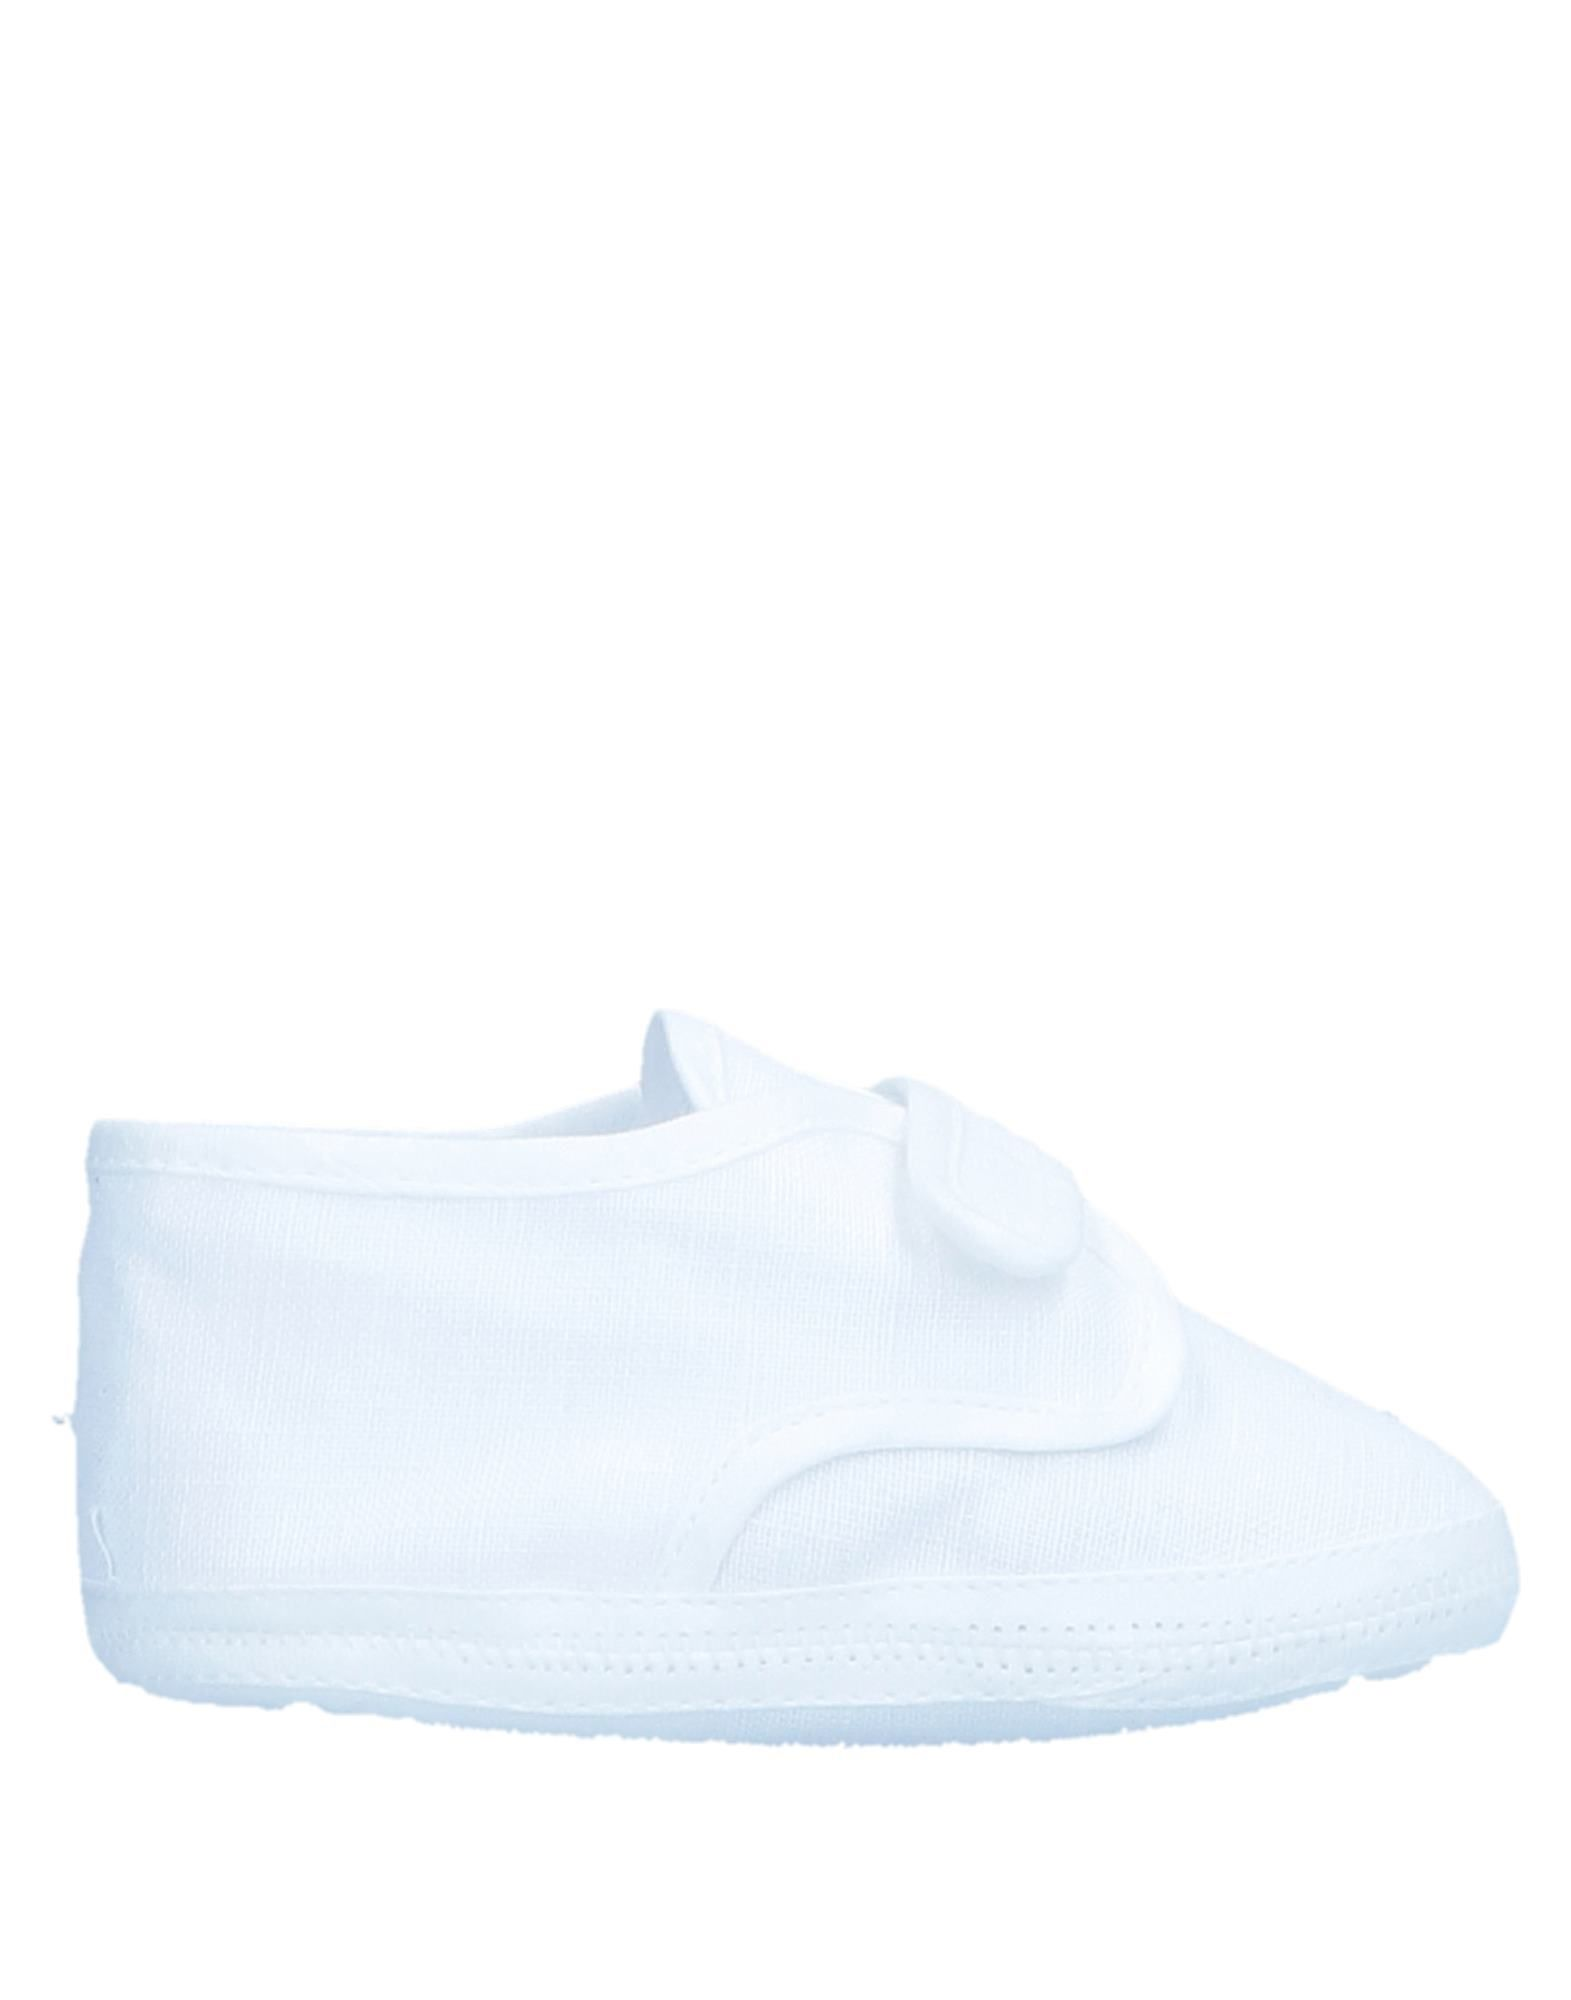 ALETTA Обувь для новорожденных цены онлайн